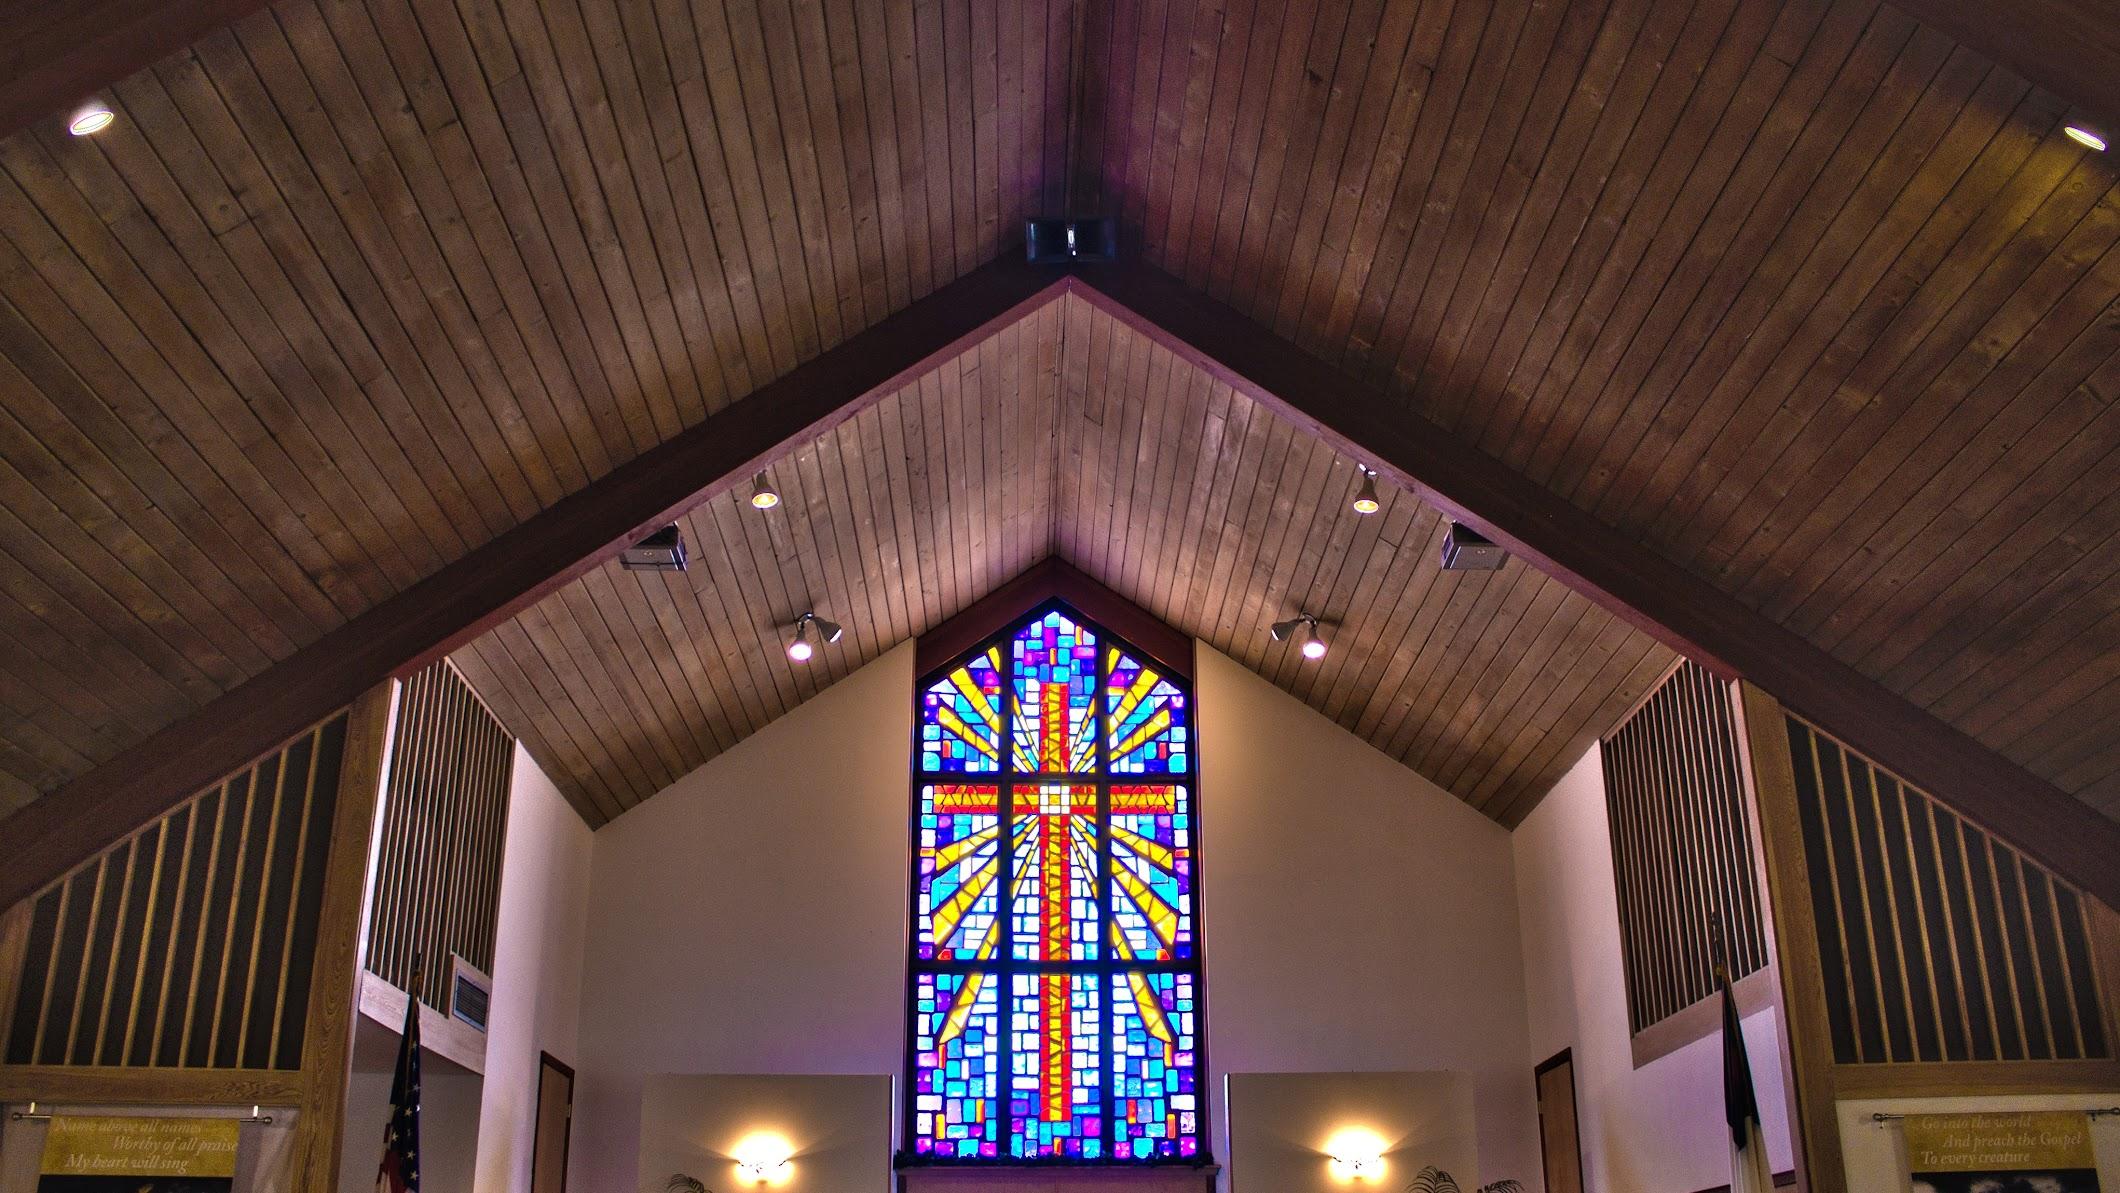 SPCC CHURCH